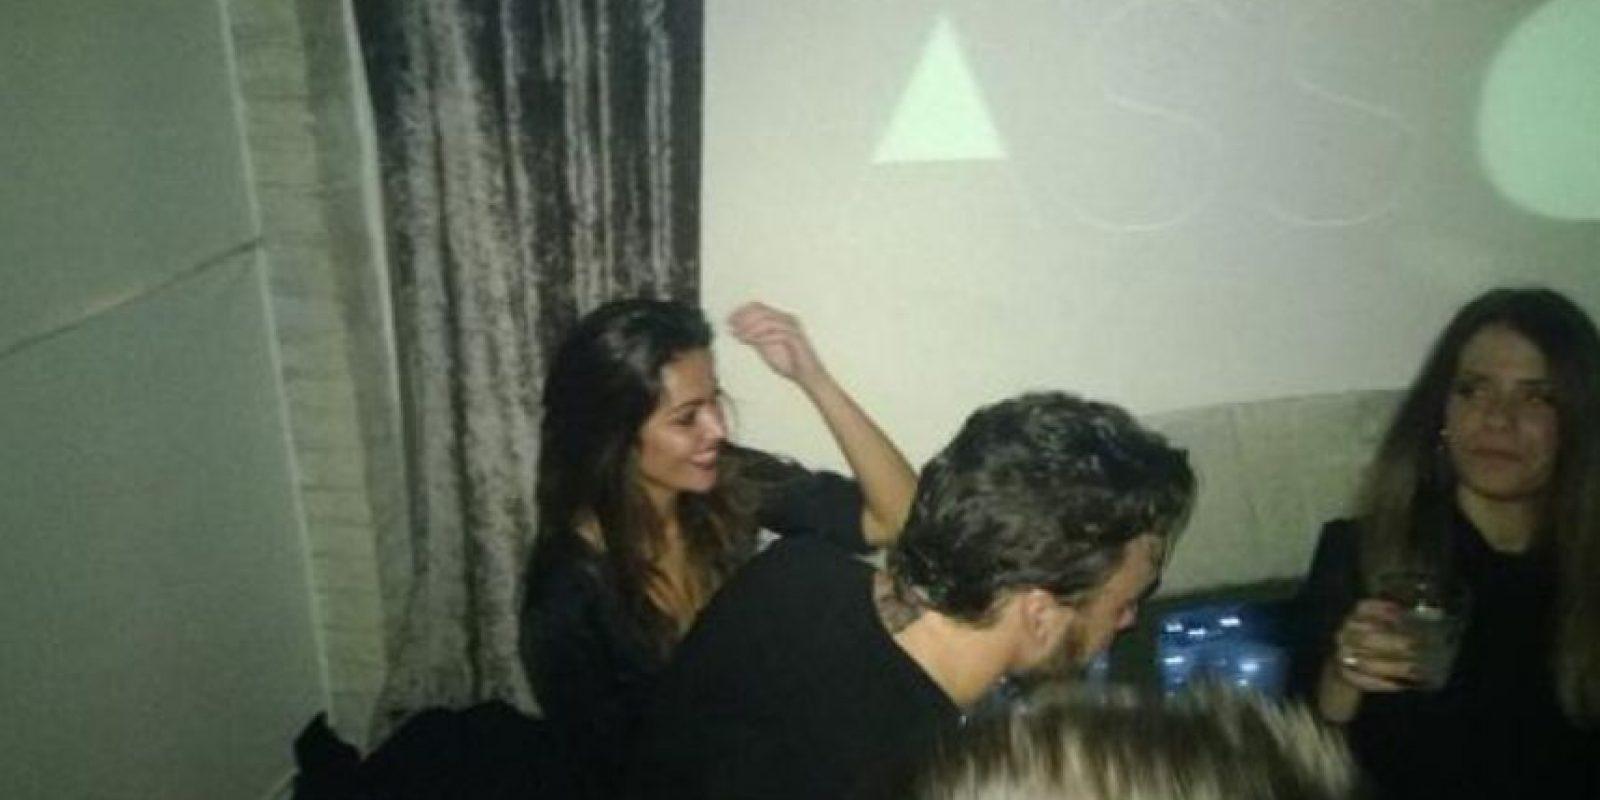 Fue visto en la fiesta de Ferrari al lado de la periodista Lara Álvarez Foto:Twitter: @rubencima